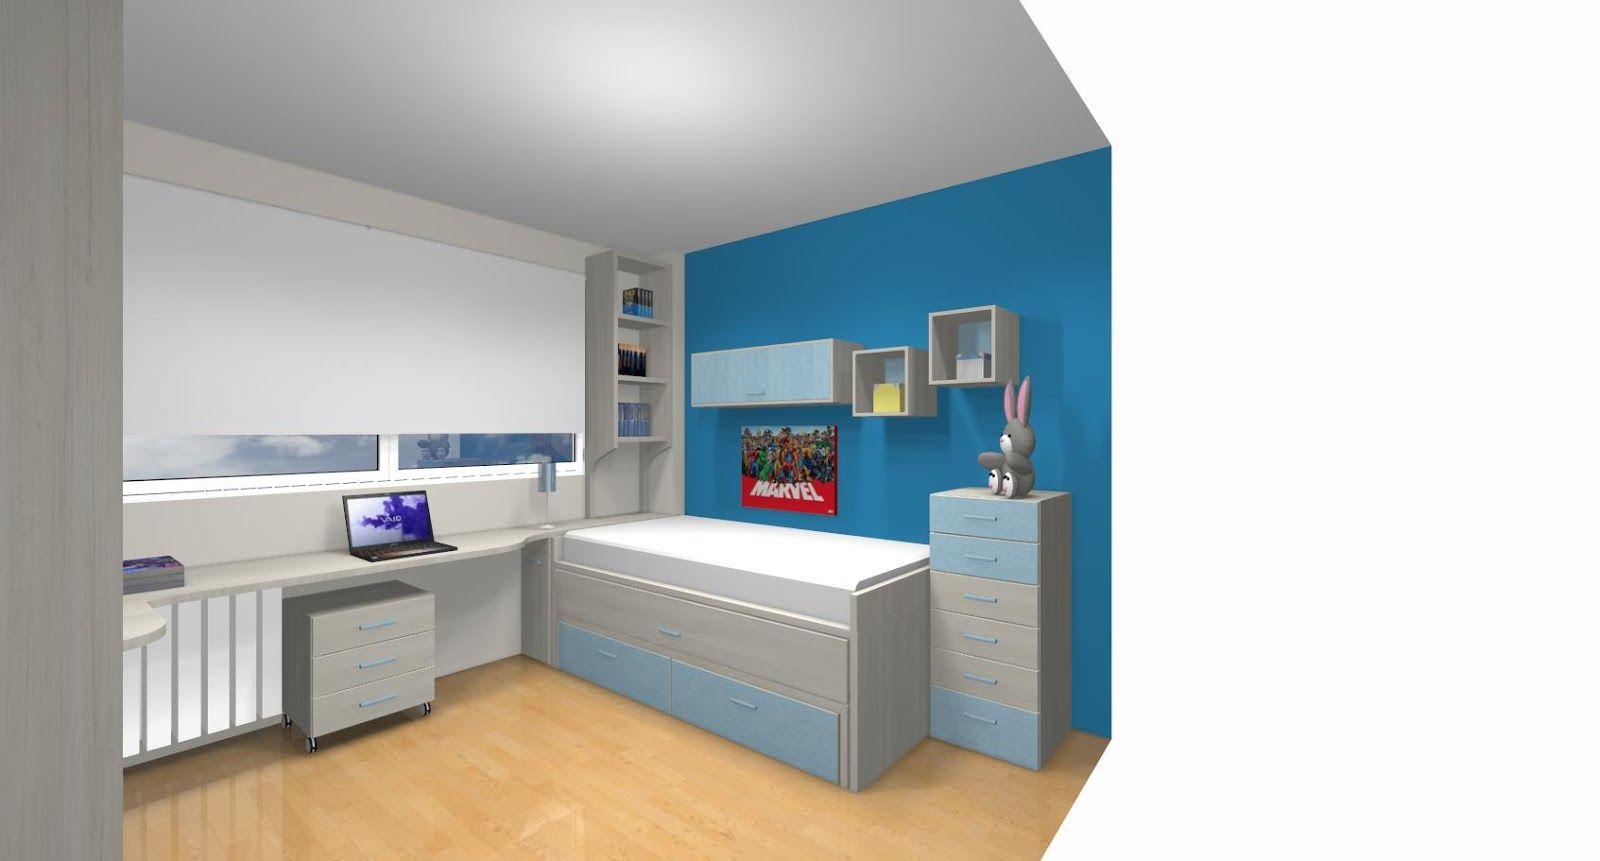 Dormitorios juveniles a medida en madrid proyectos de decoracion pinterest - Dormitorios juveniles en madrid ...